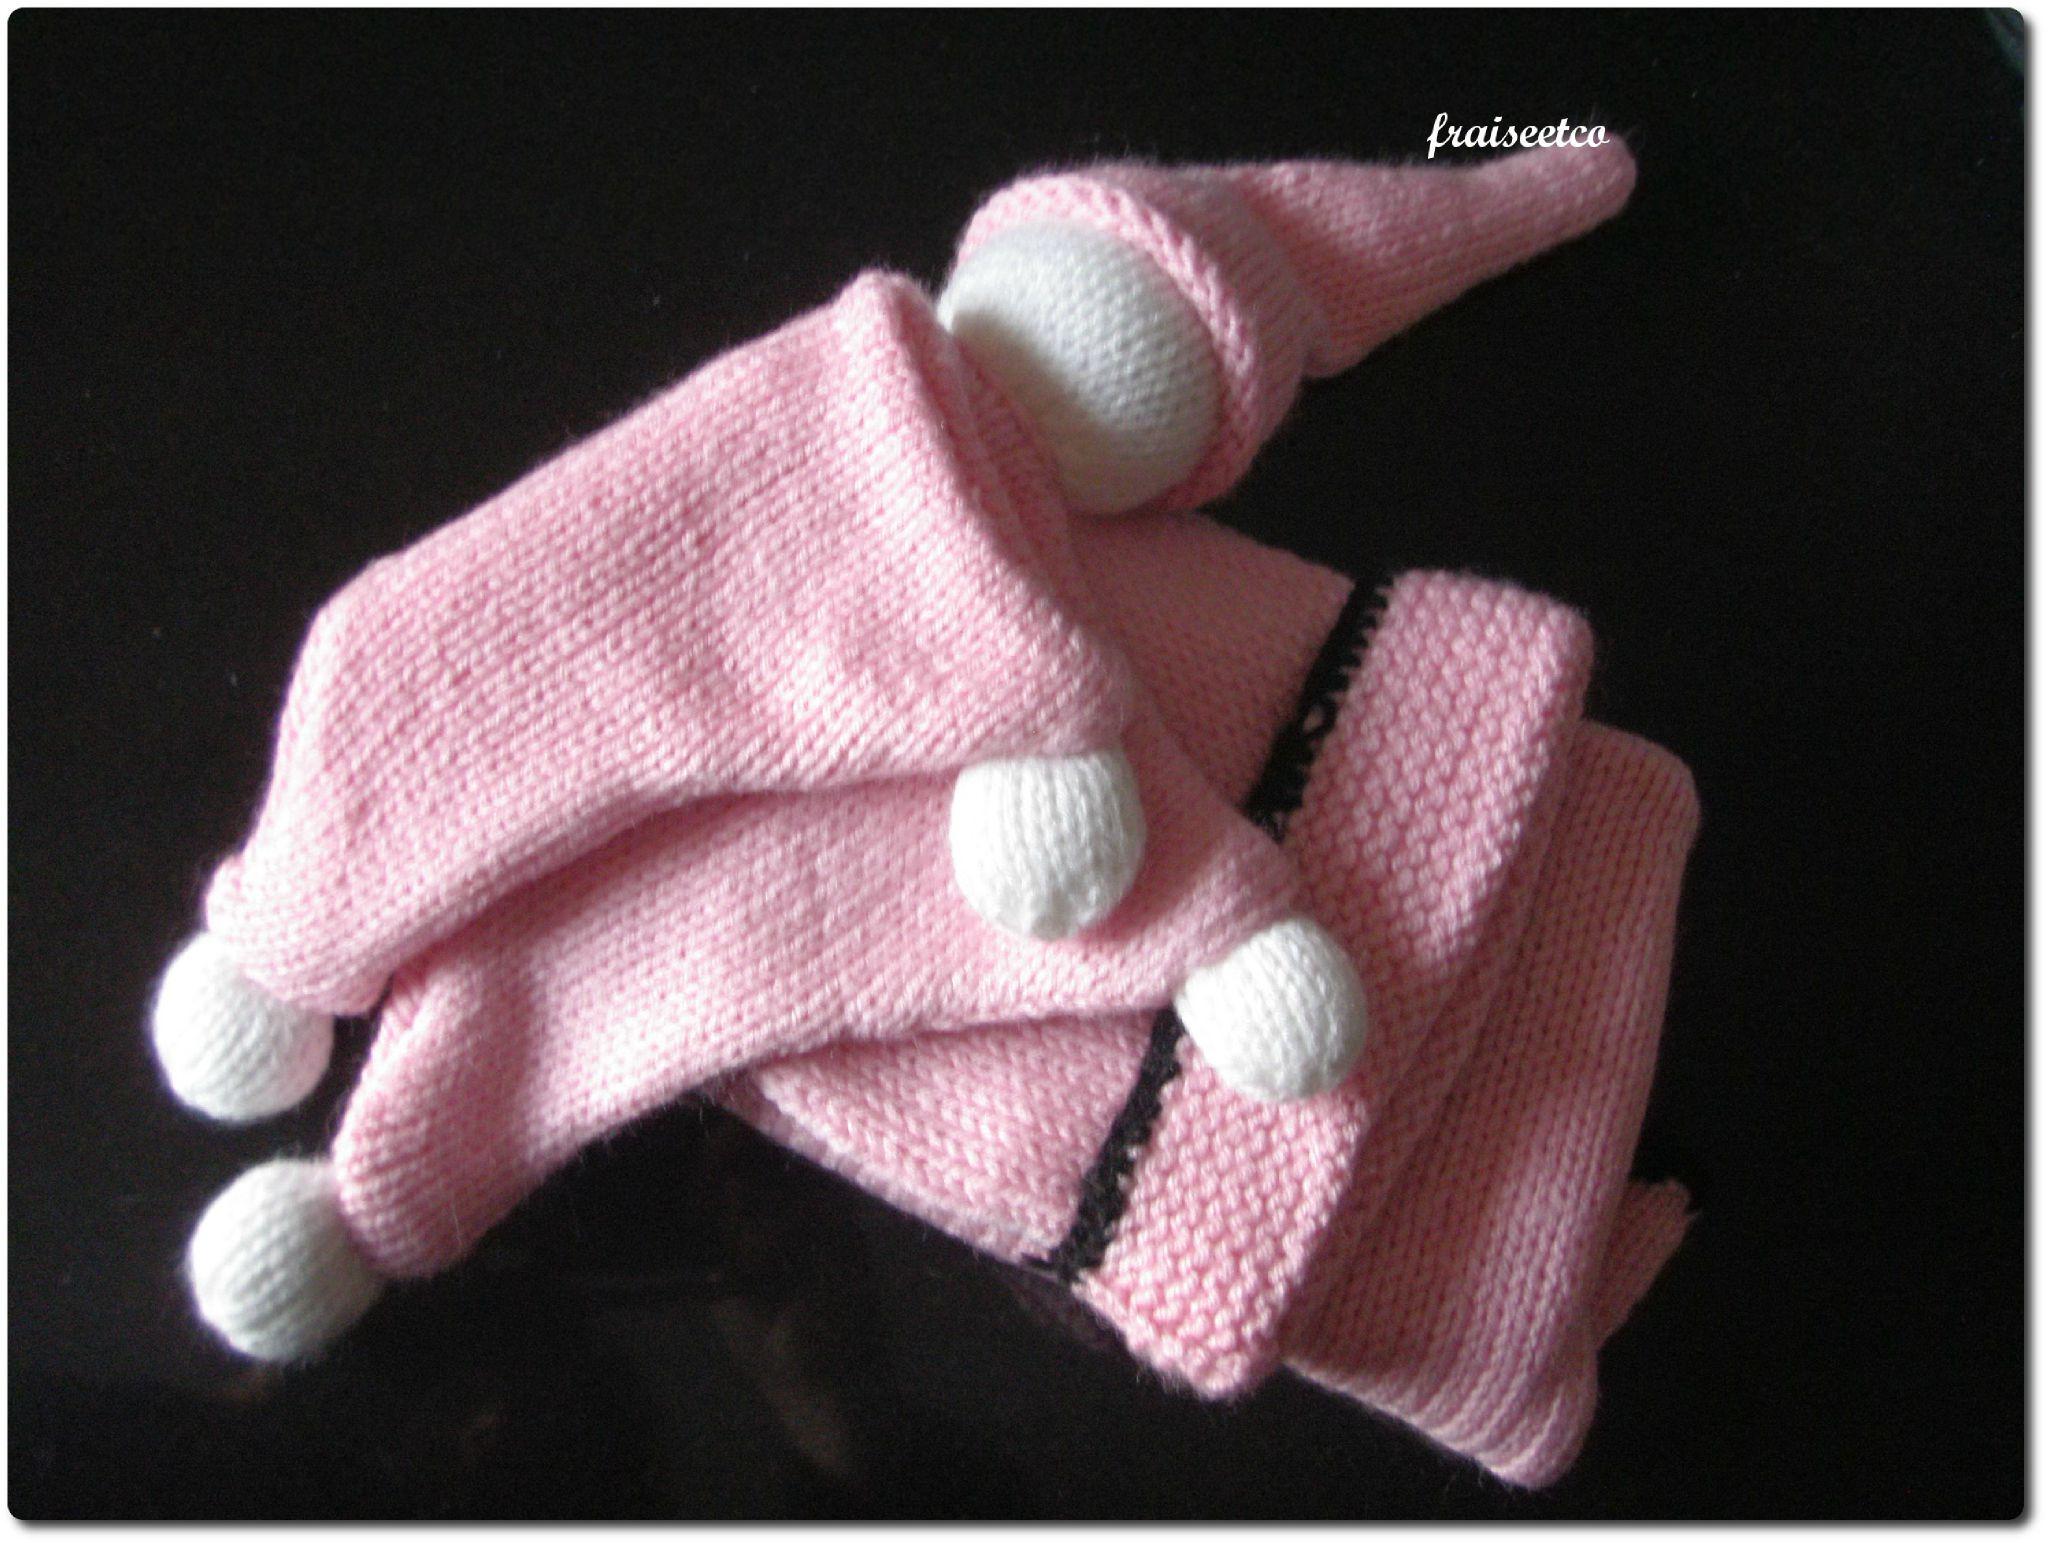 Tuto d'un Doudou Lutin au tricot - Fraiseetcompagnie